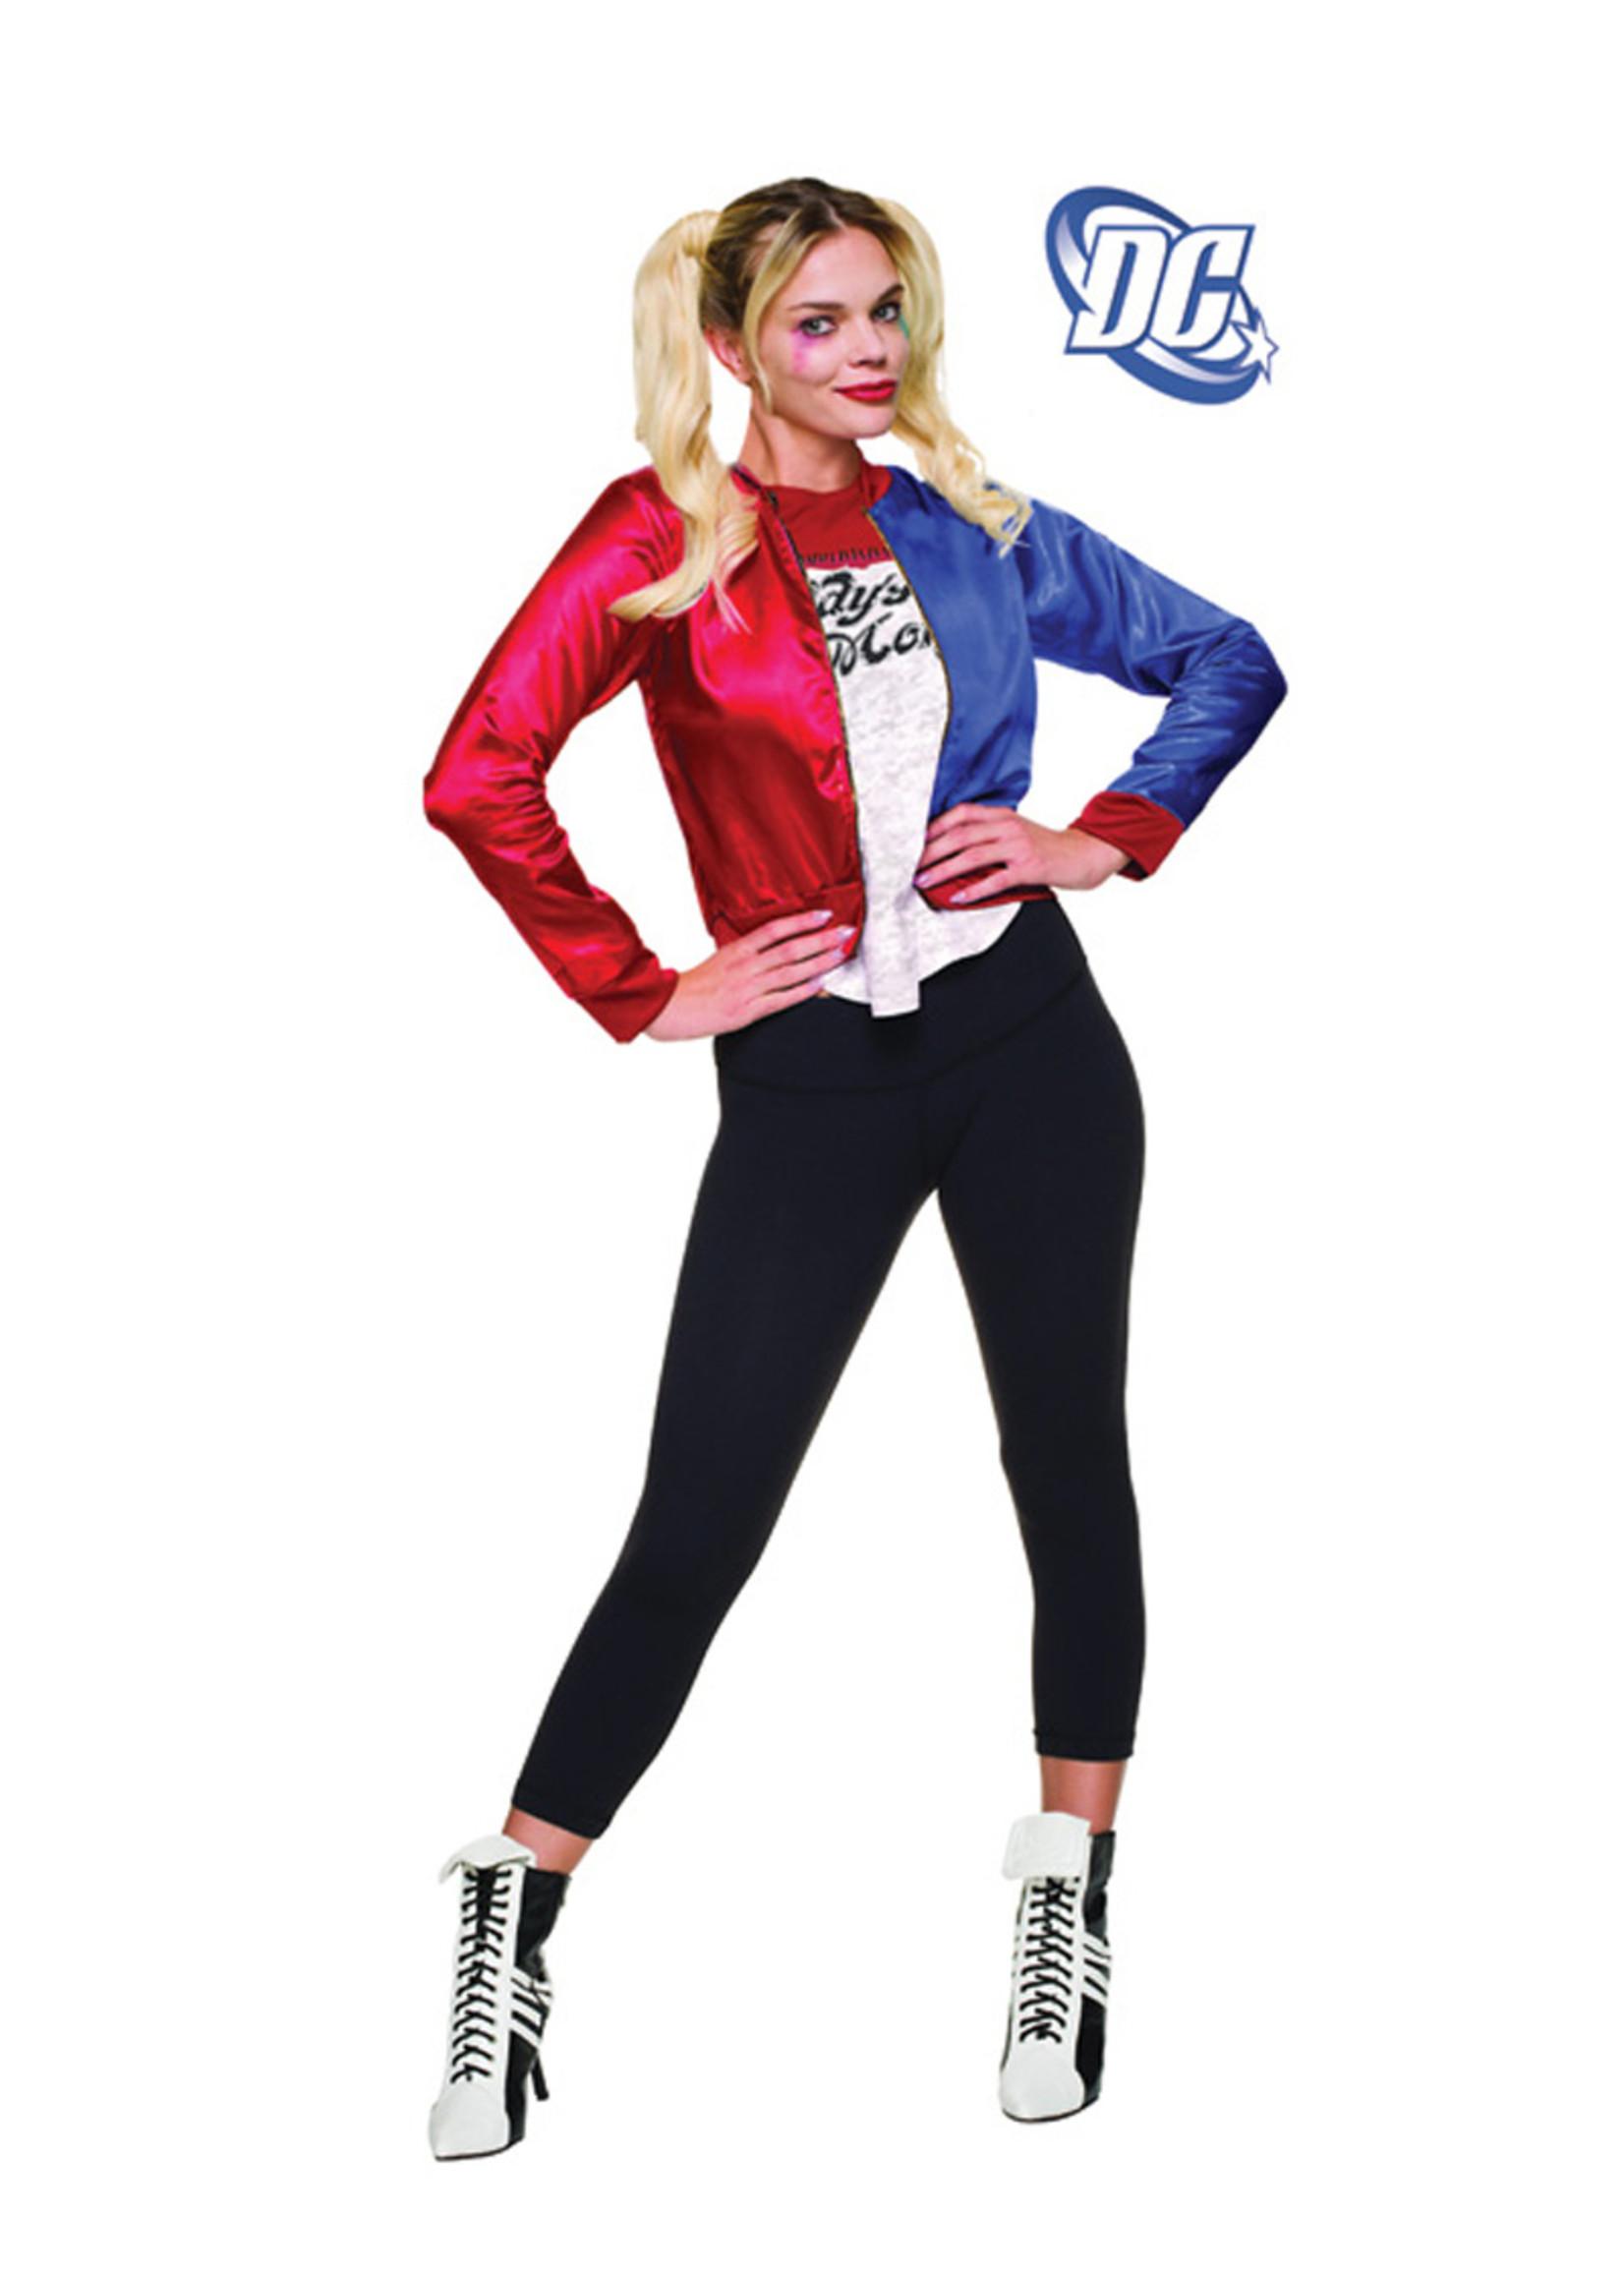 Harley Quinn Costume - Women's